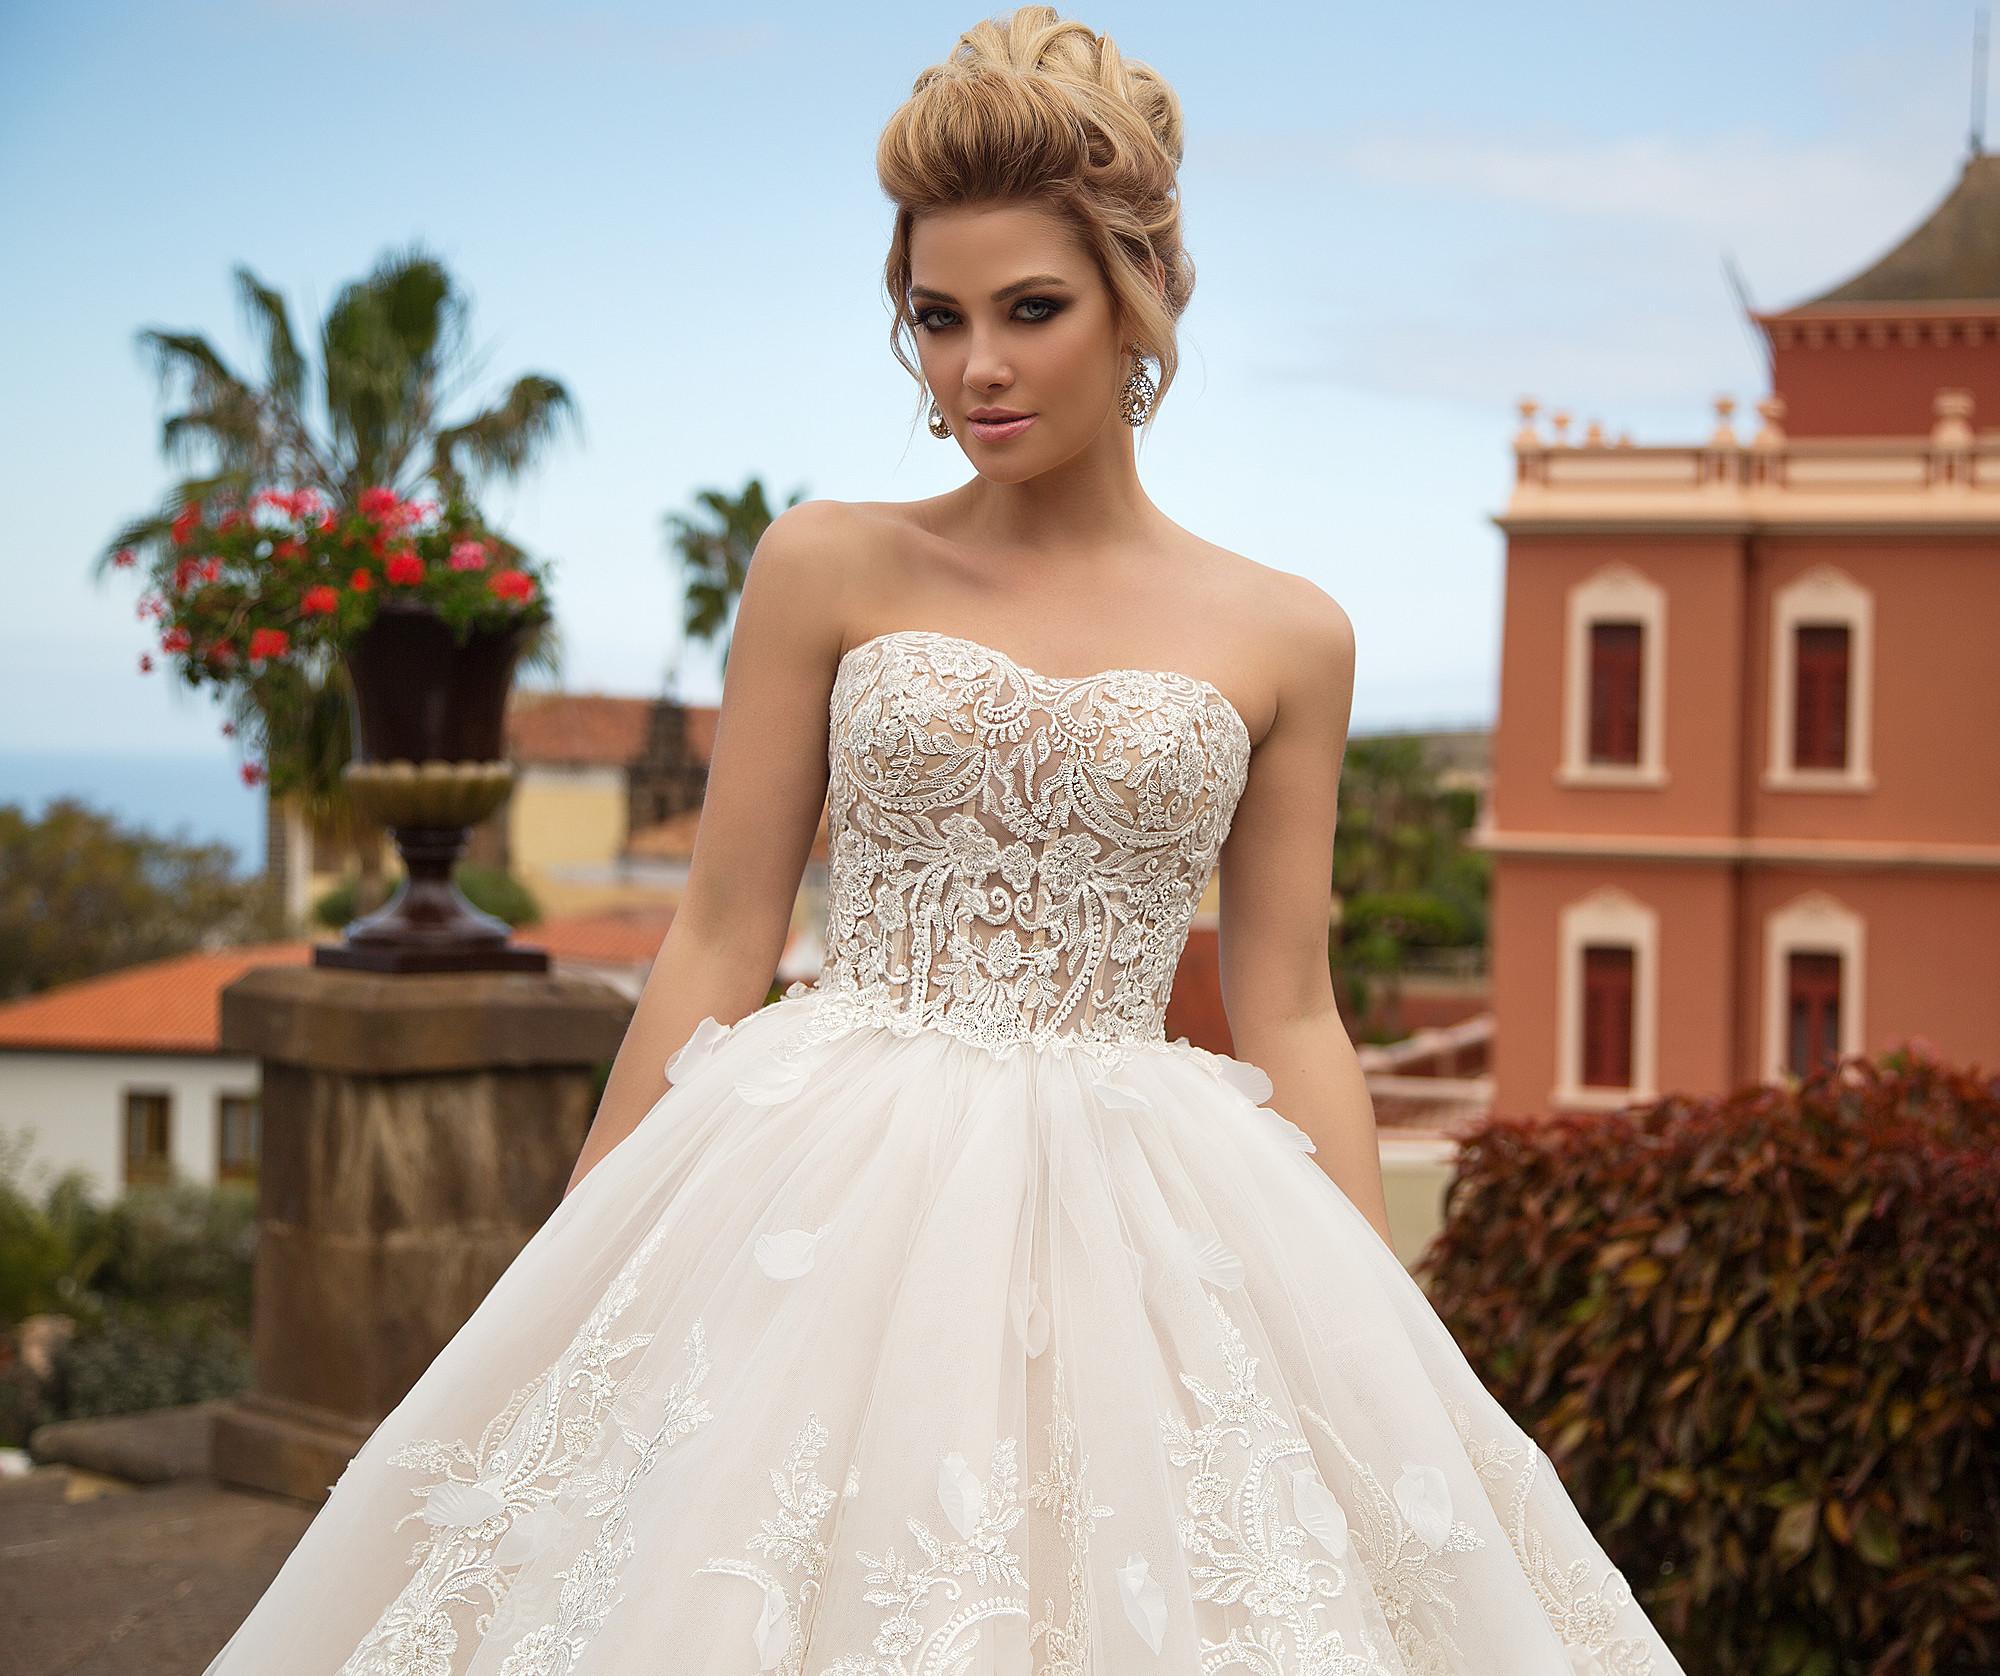 Свадебное платье согласно модным тенденциям